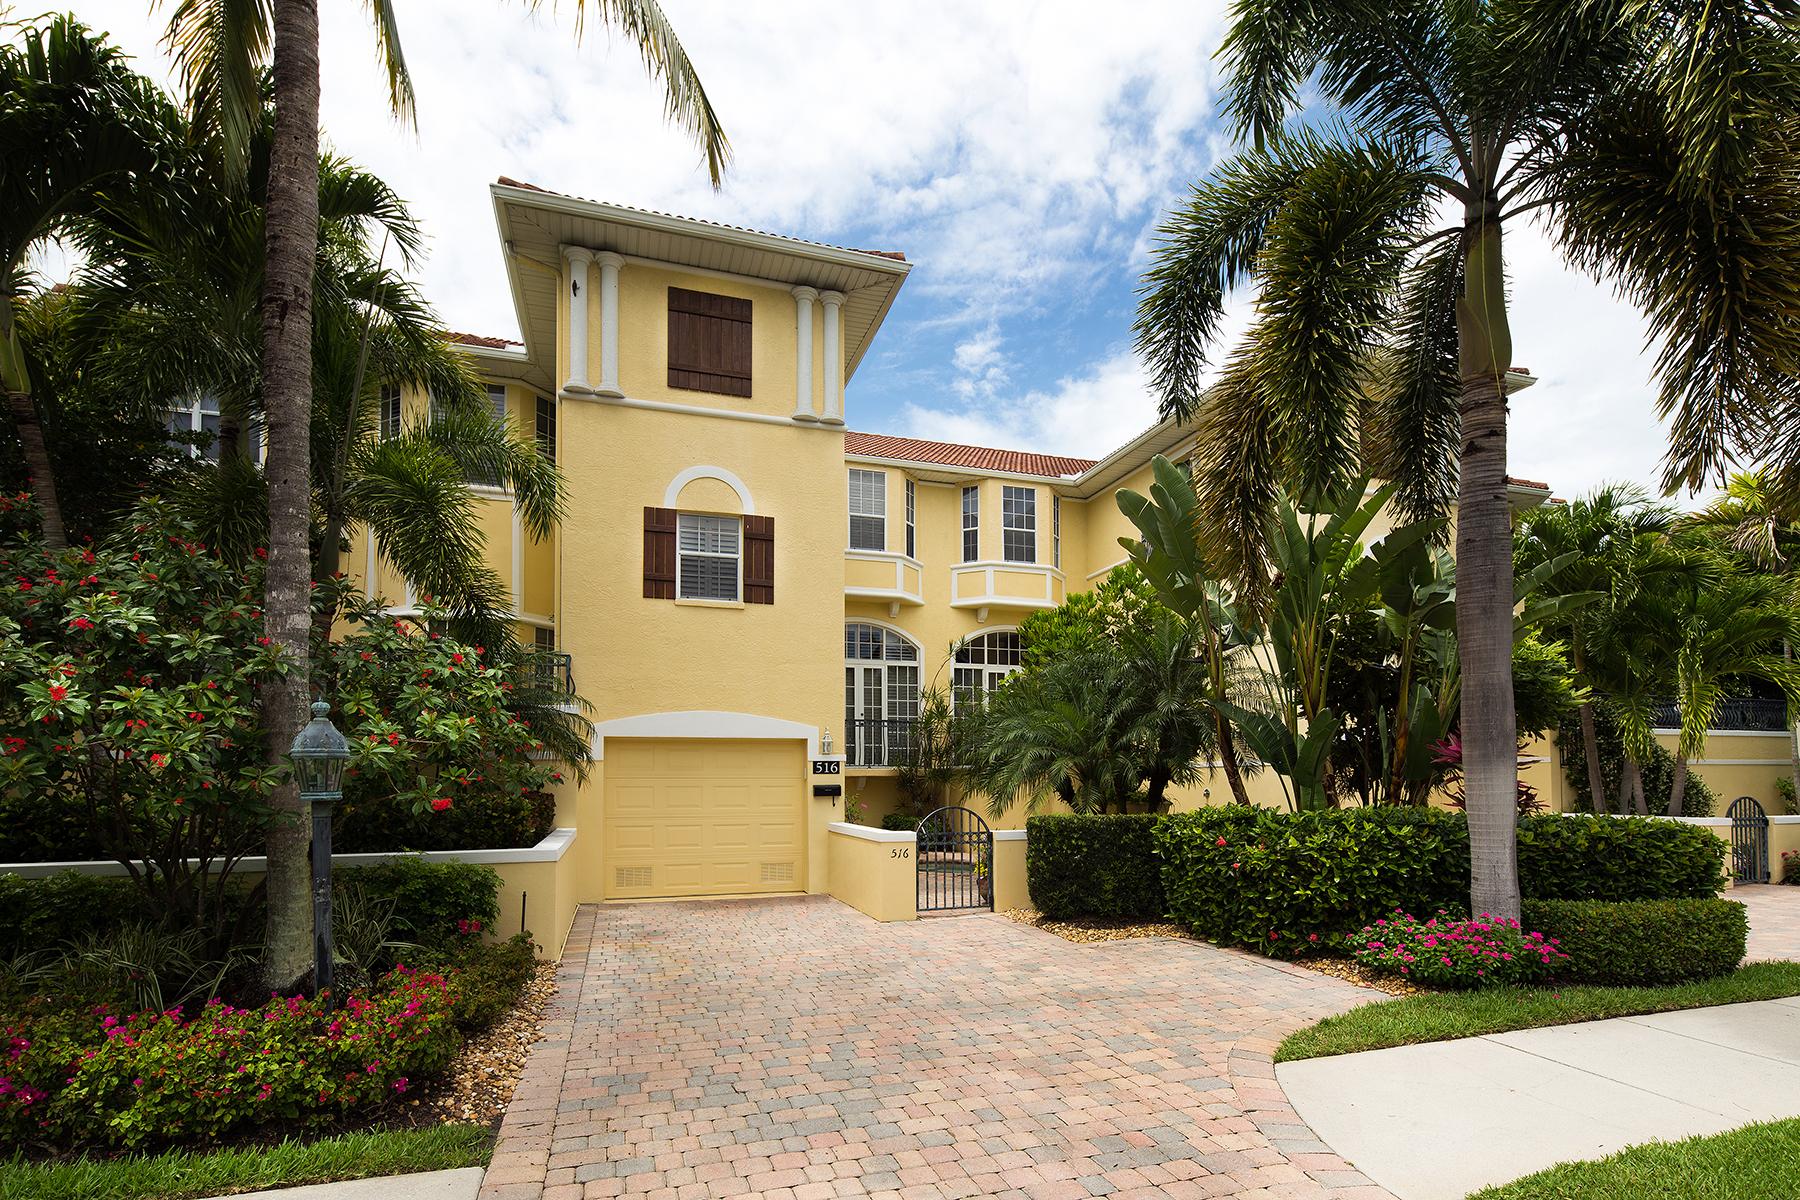 联栋屋 为 销售 在 NAPLES - VILLAS TIVOLI 516 2nd St S 103 Naples, 佛罗里达州 34102 美国